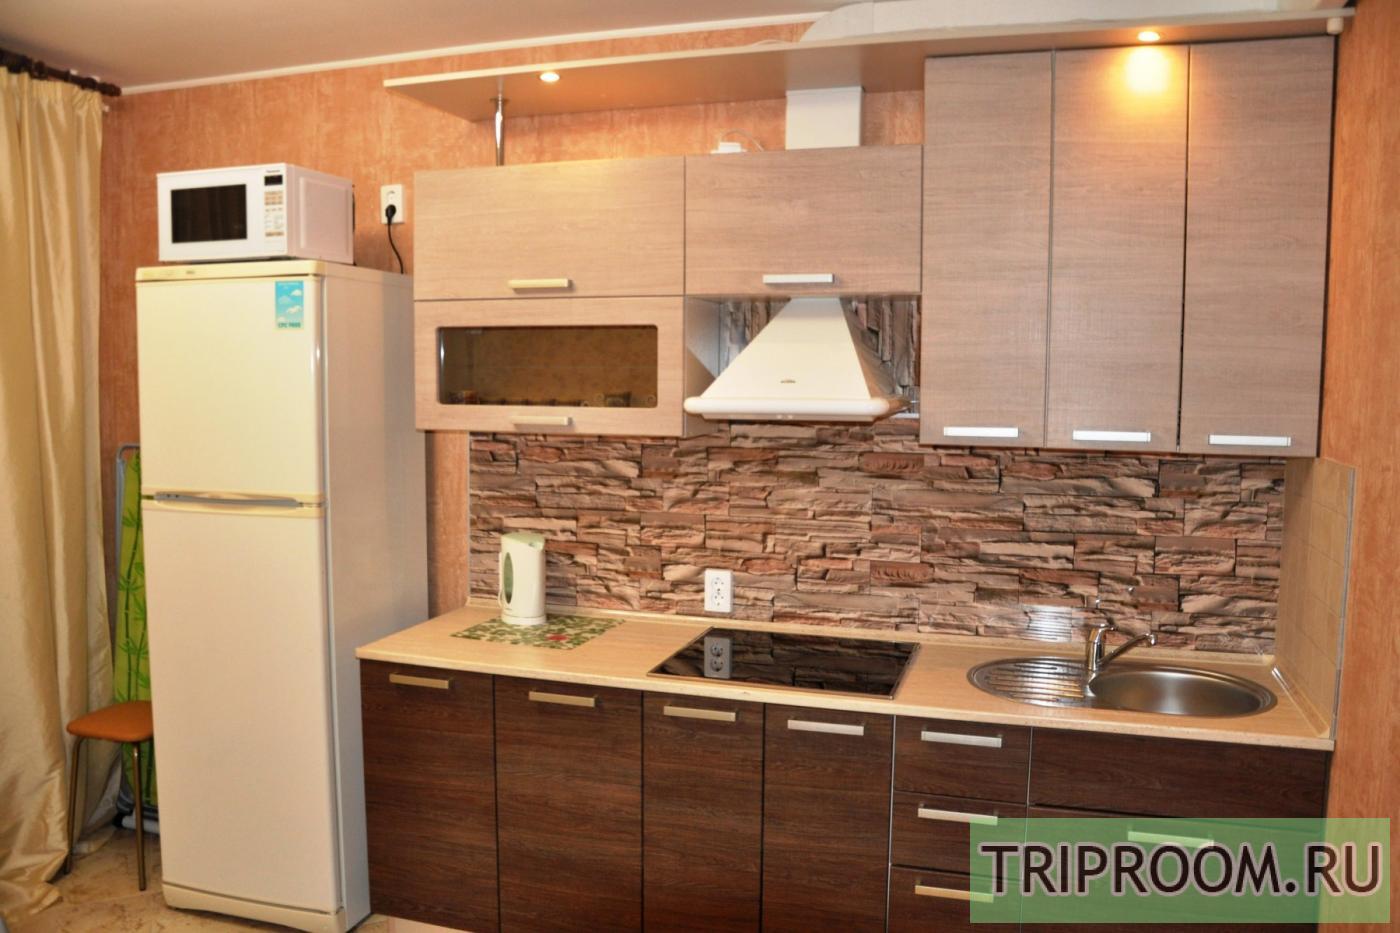 2-комнатная квартира посуточно (вариант № 22362), ул. Латышских Стрелков, фото № 11